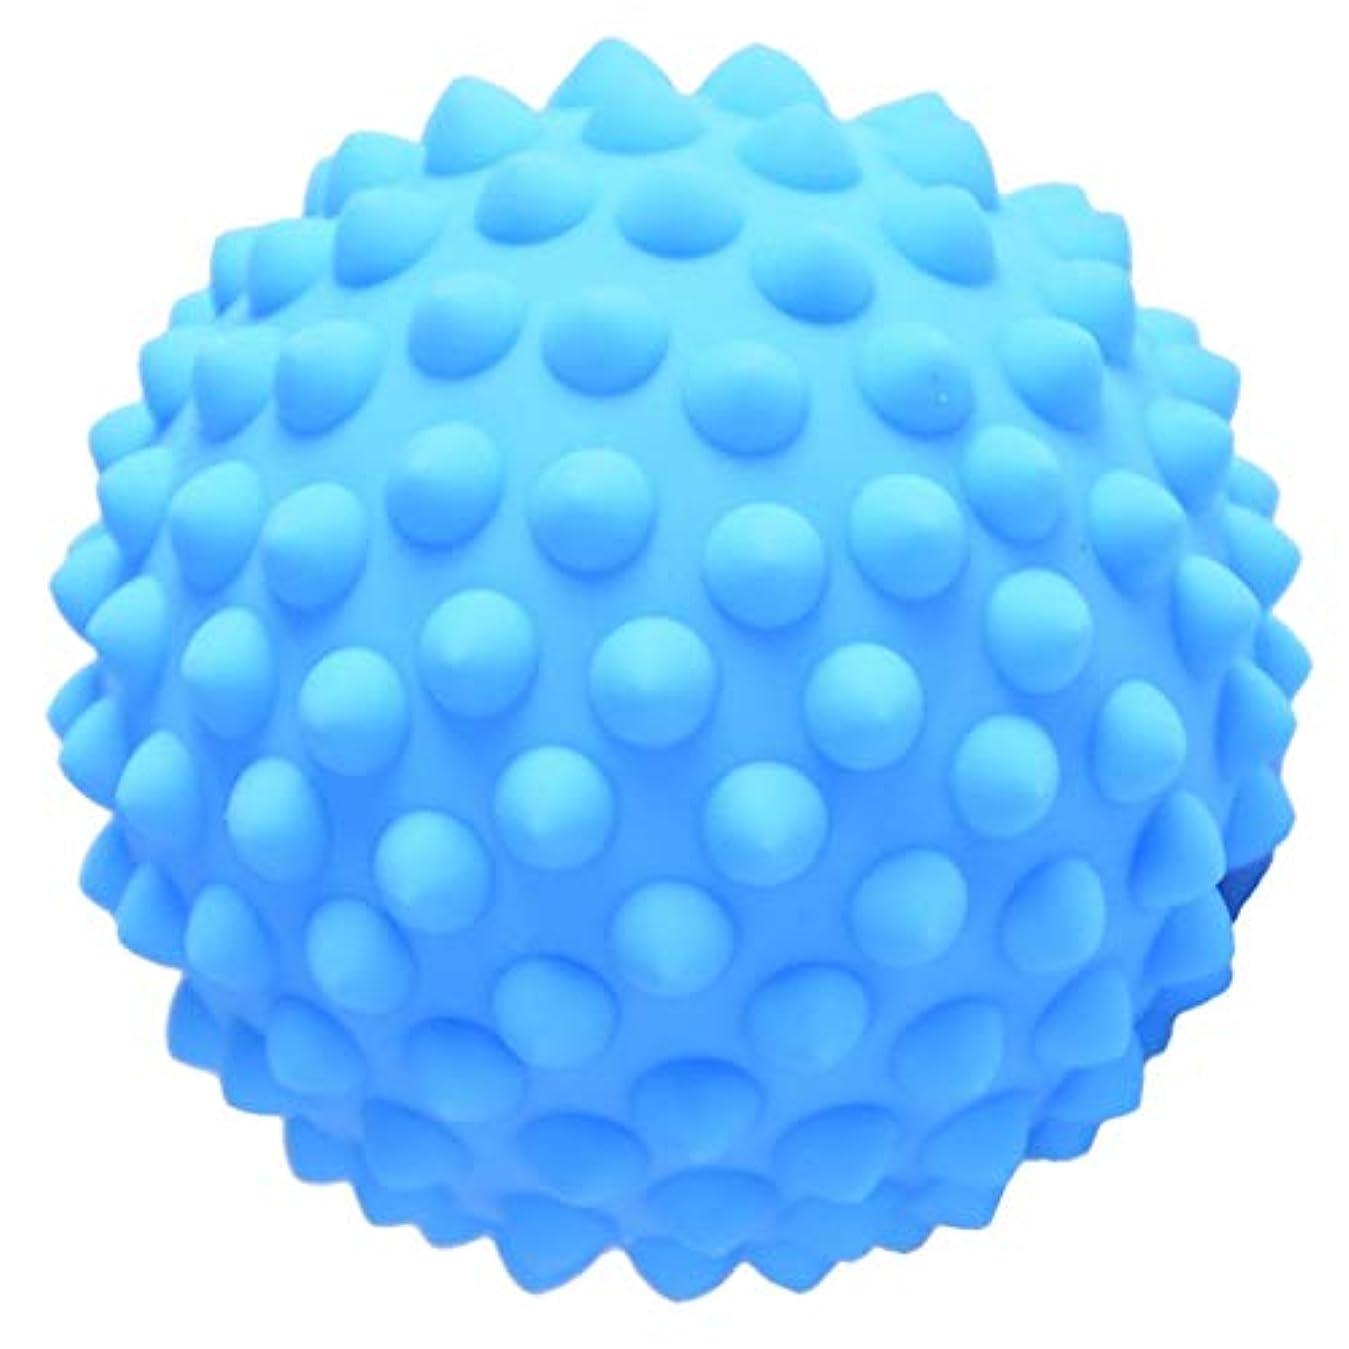 ドレインハムコモランマFLAMEER マッサージボール ポイントマッサージ ヨガ道具 3色選べ - 青, 説明のとおり